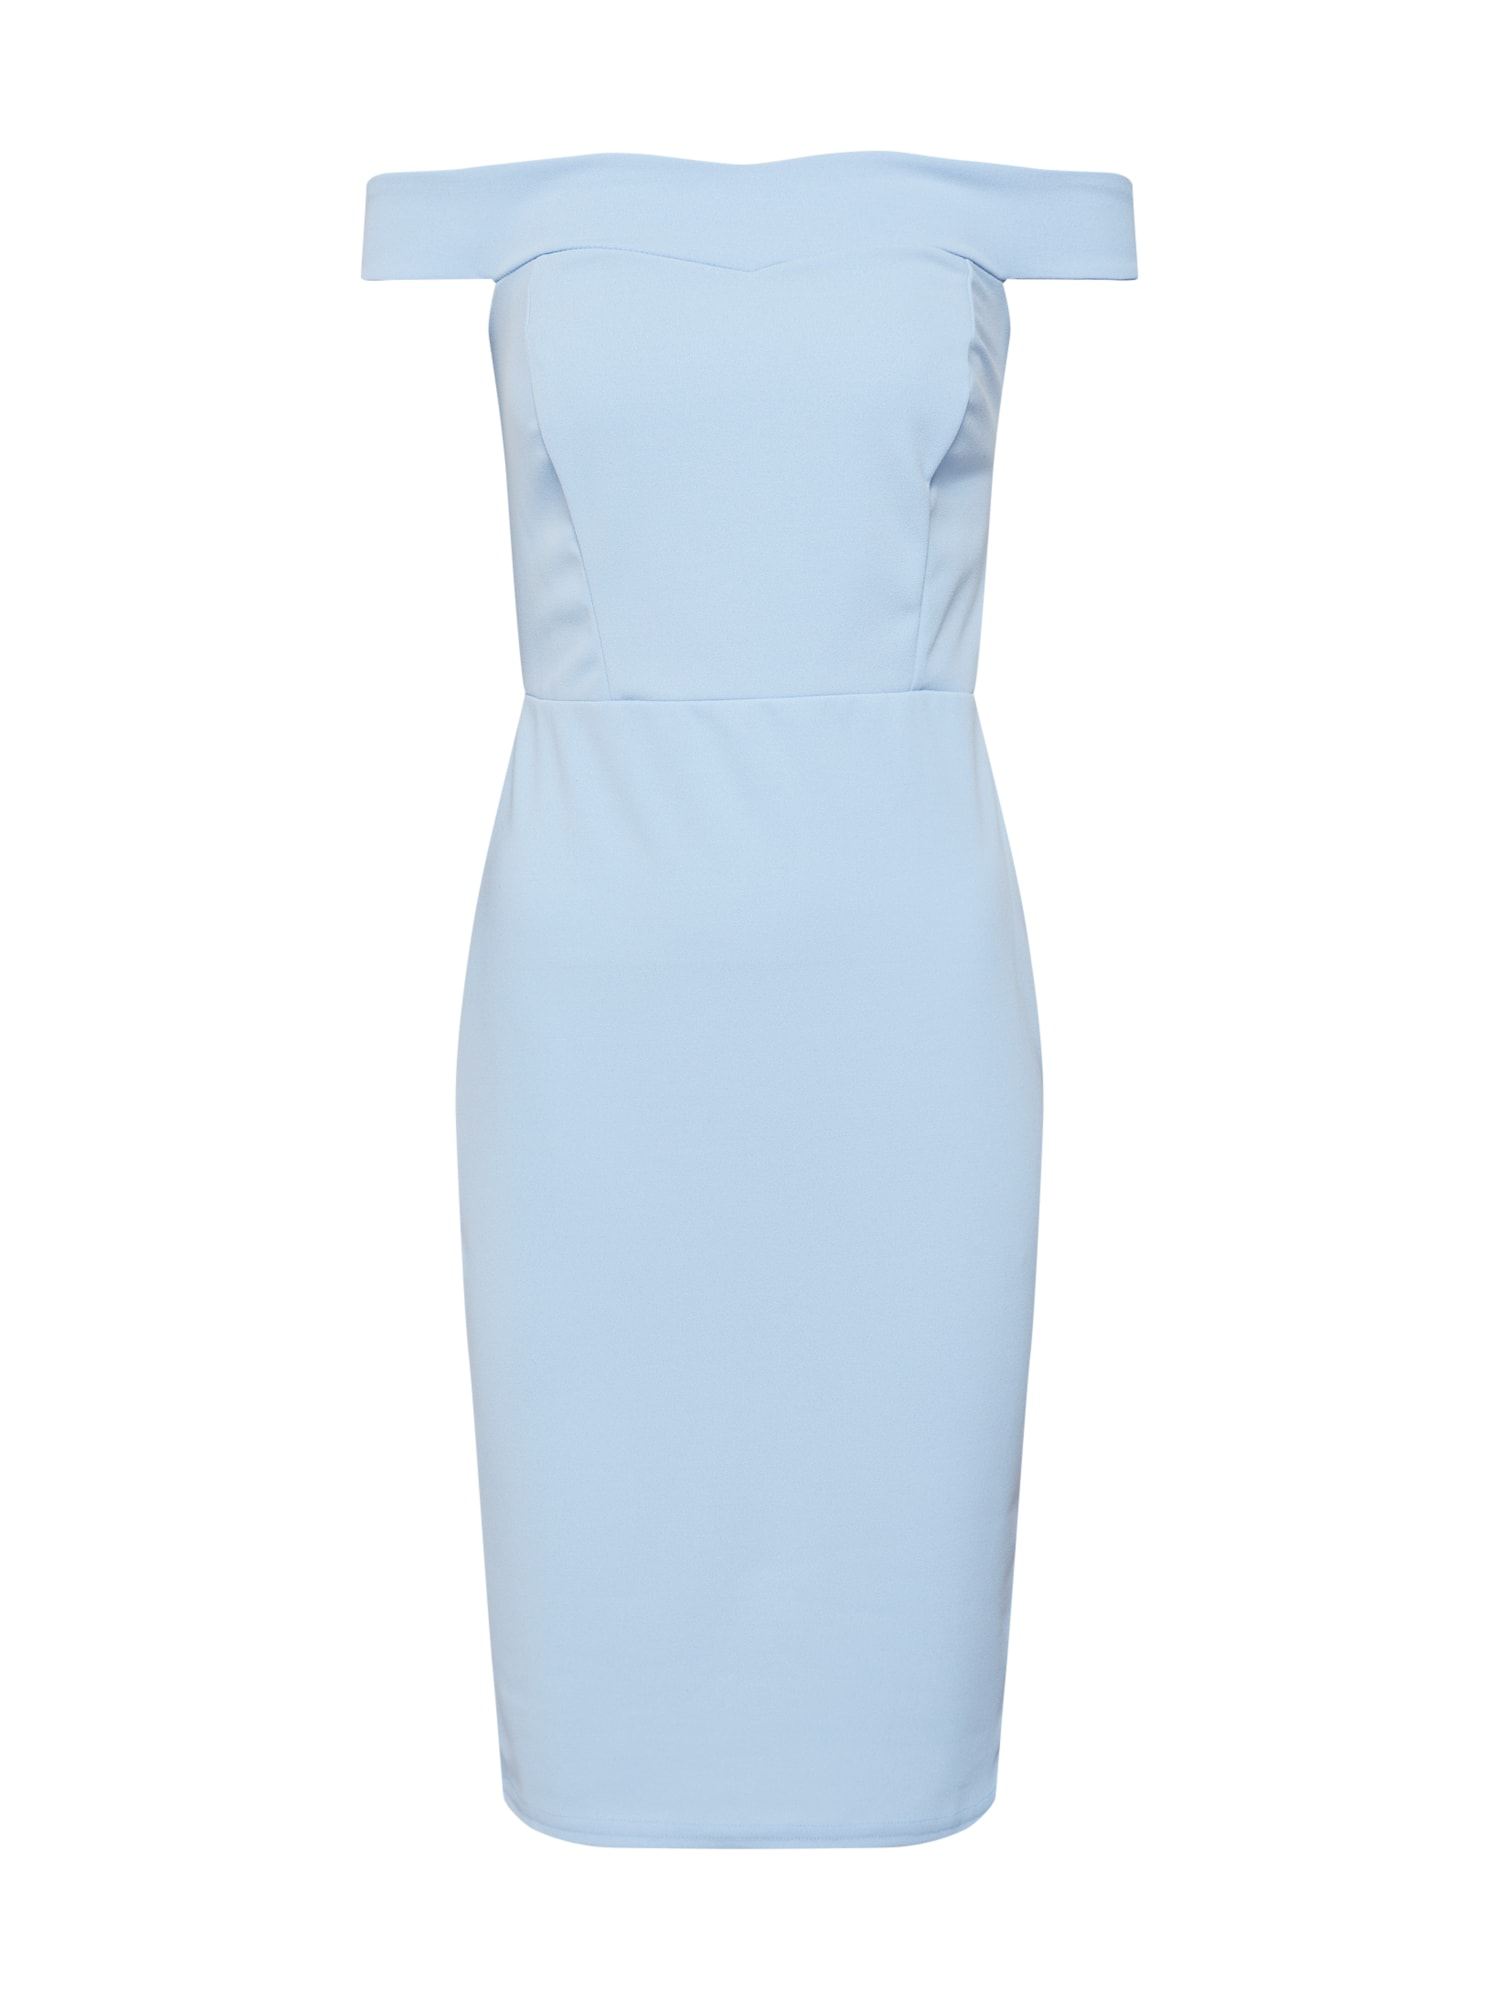 Pouzdrové šaty Scuba Bardot světlemodrá Missguided